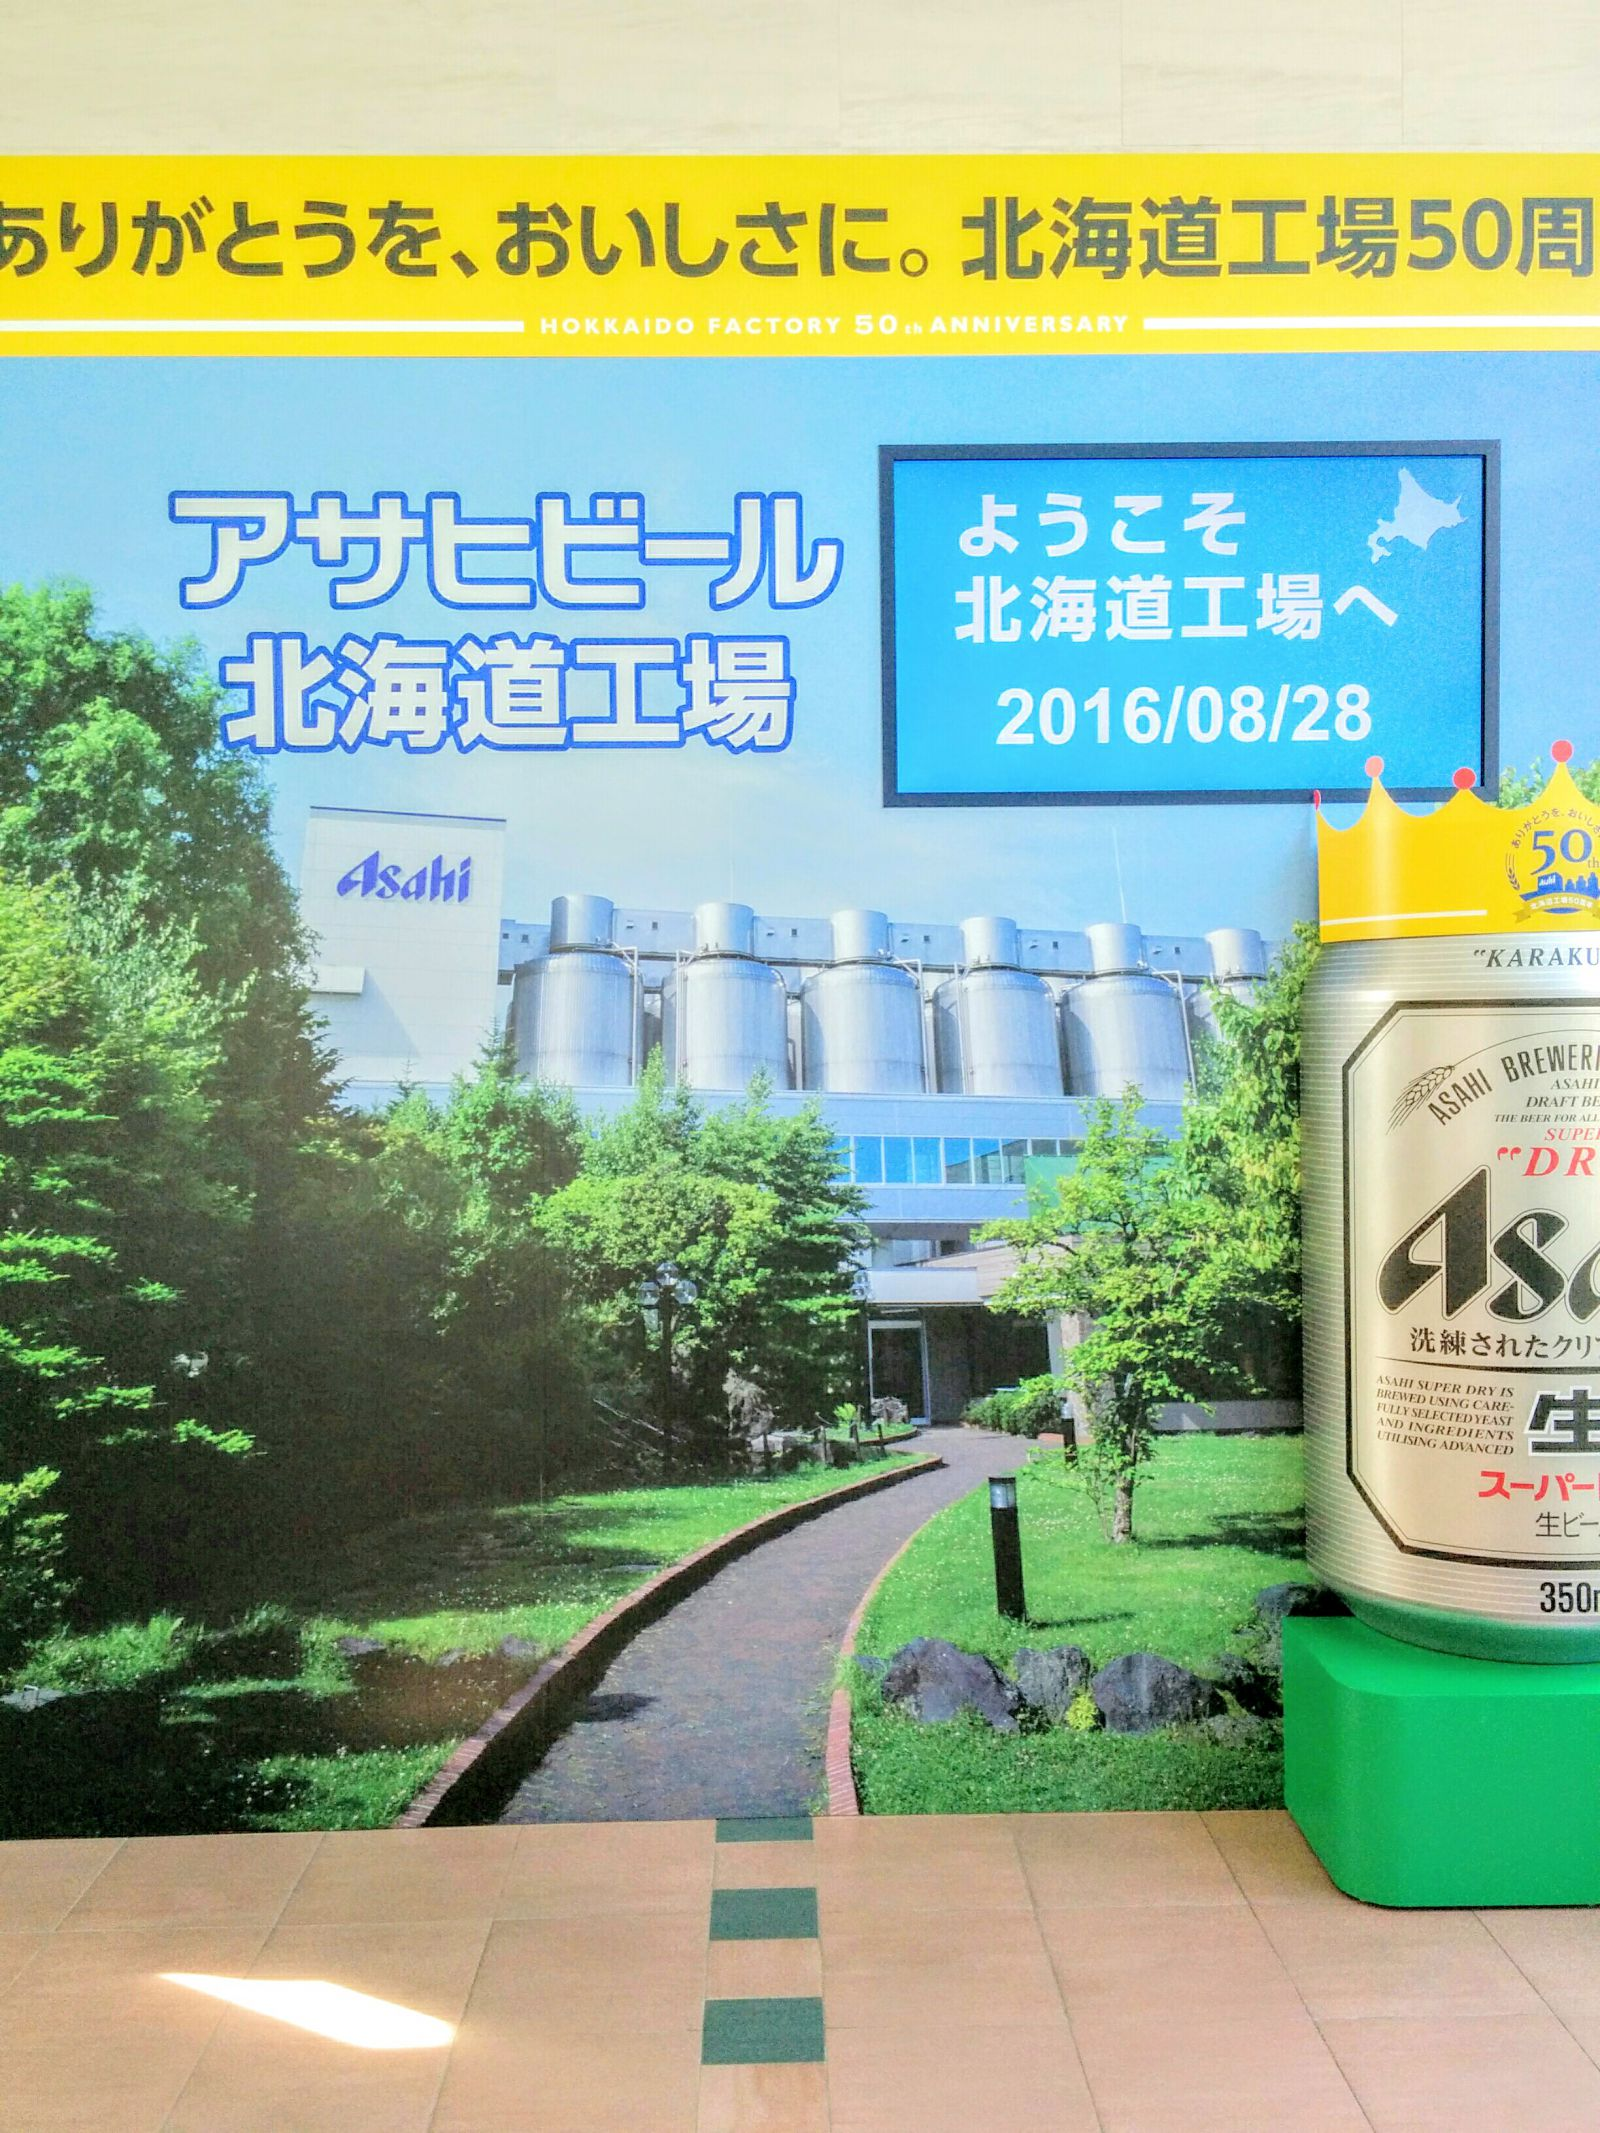 【札幌市】アサヒビール北海道工場見学観光案内です。